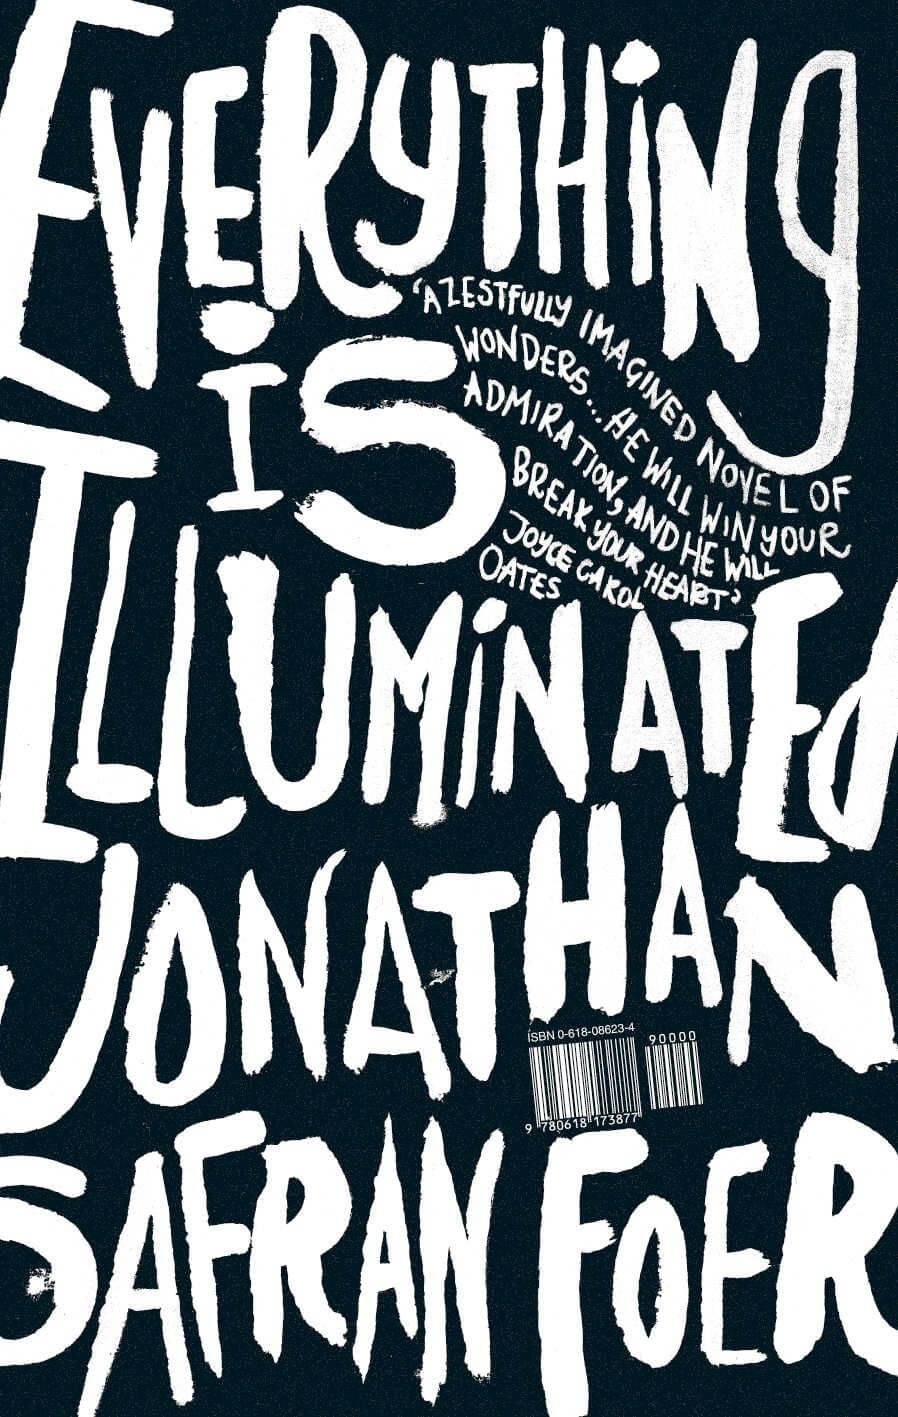 Jon Gray e l'uso della tipografia nelle copertine di libri